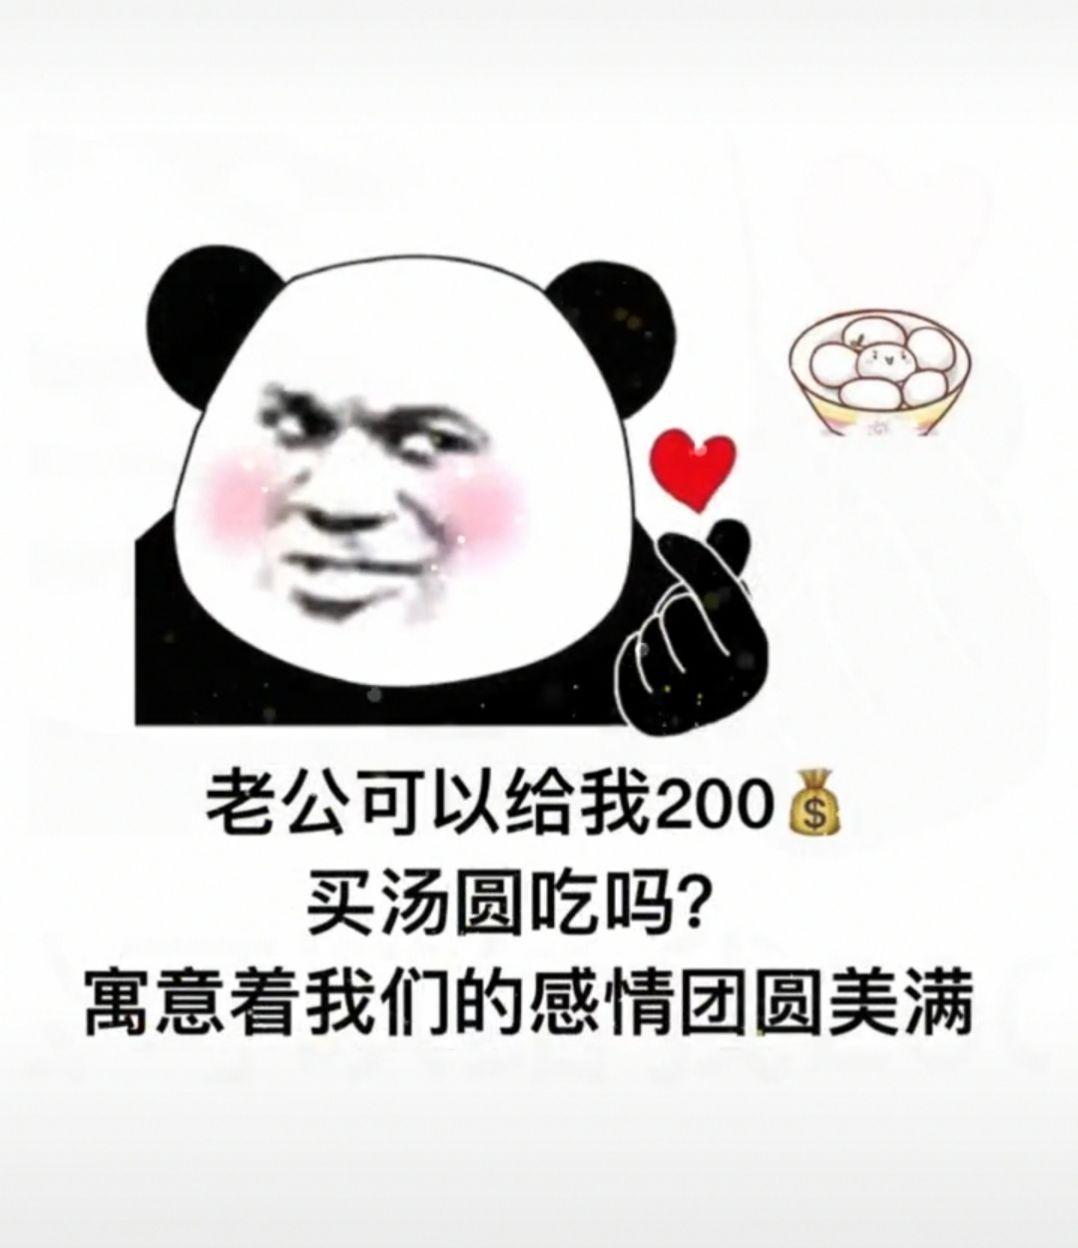 老公可以给我200买汤圆吃吗表情包图3